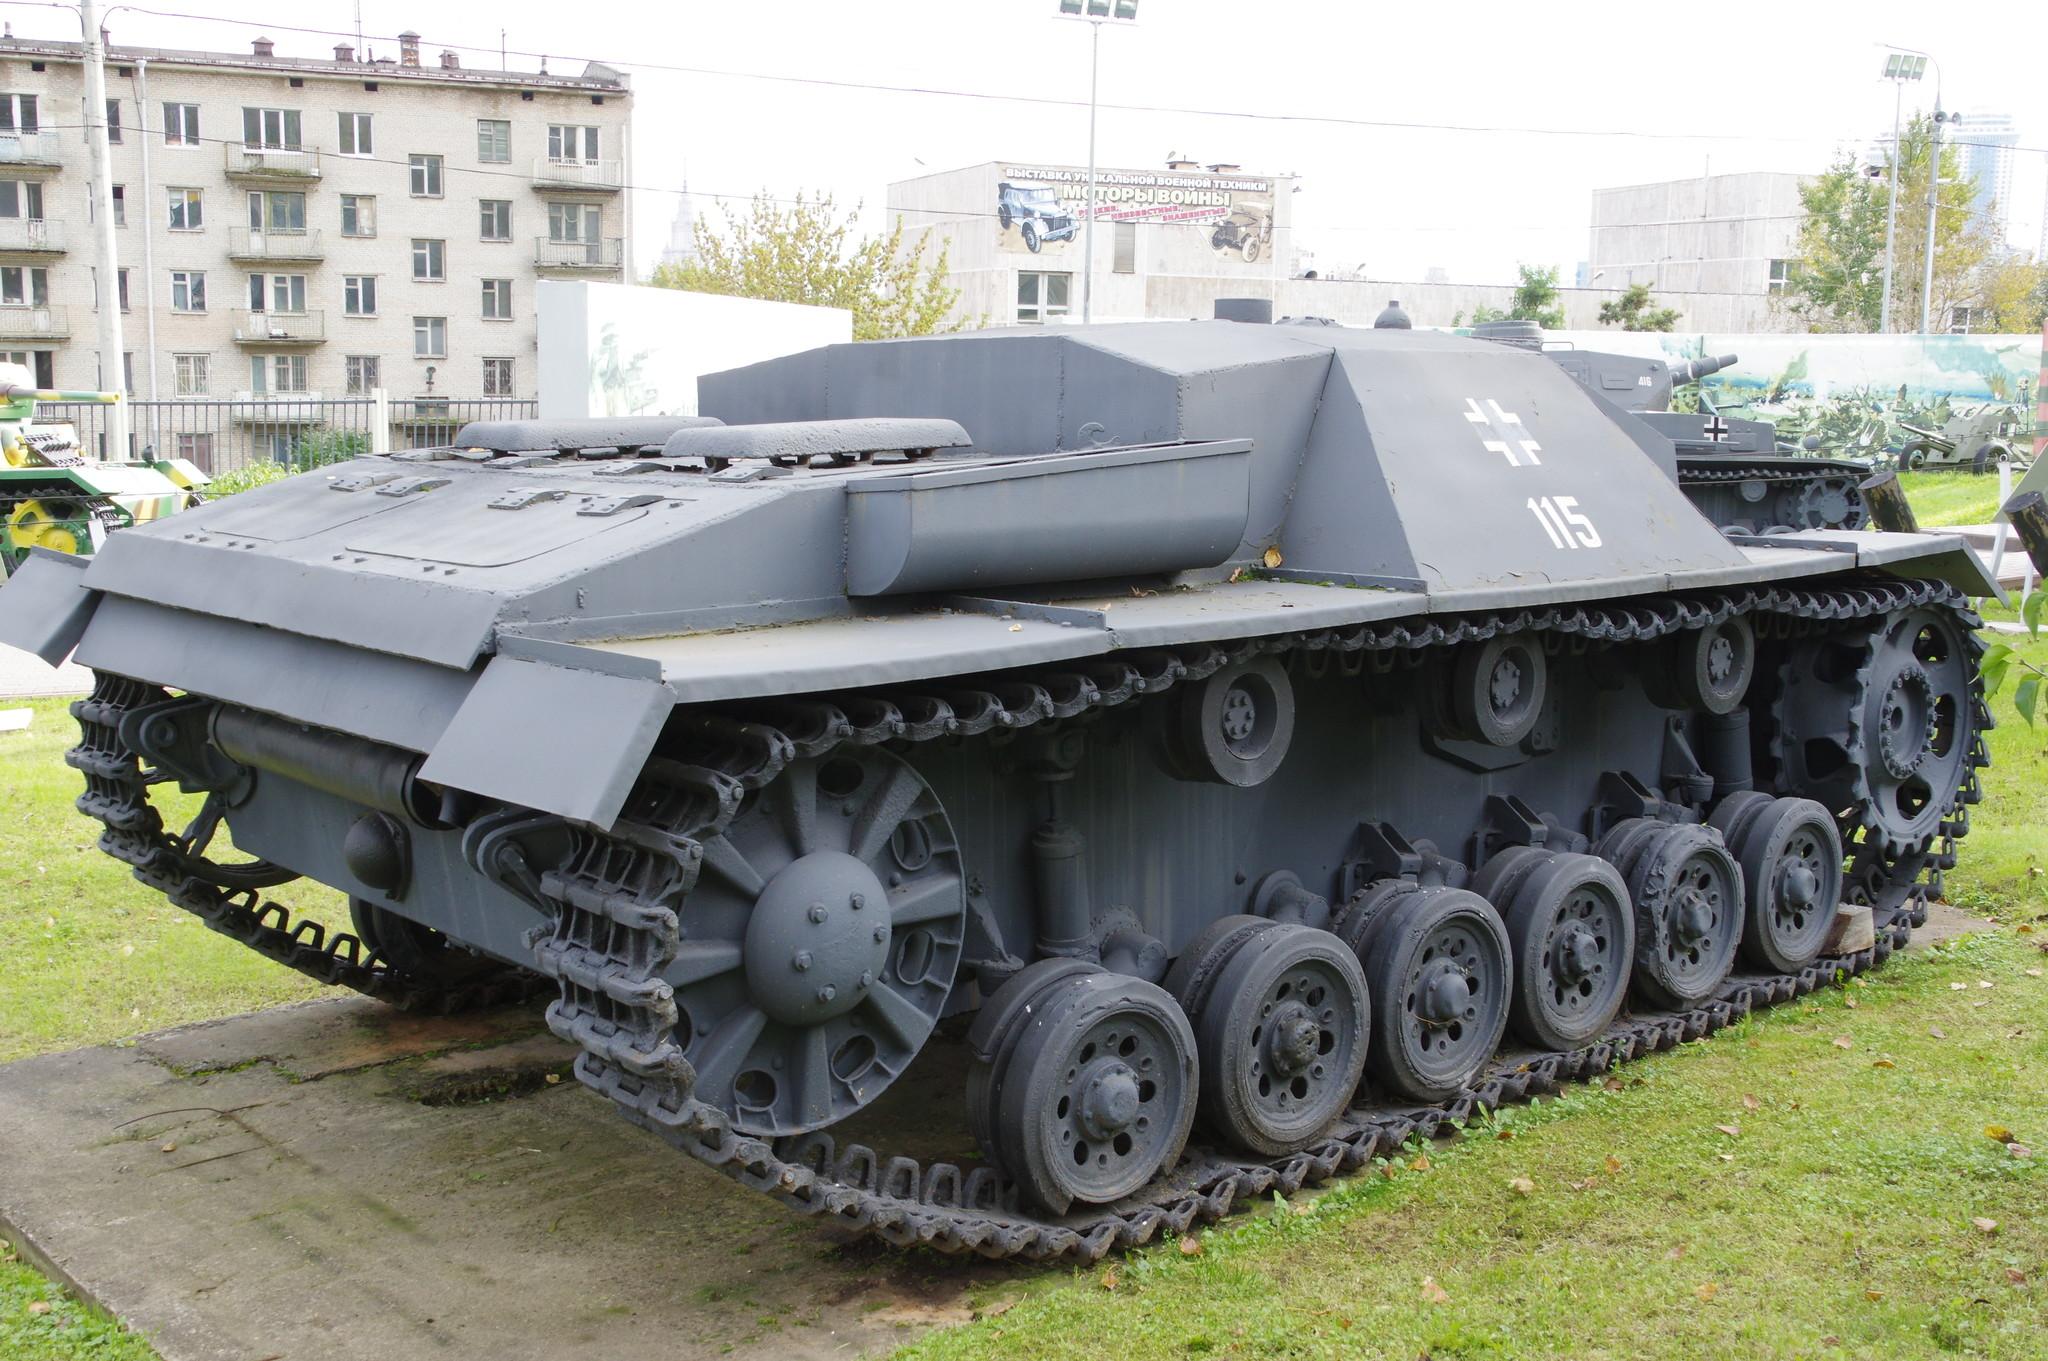 Штурмовое орудие StuG III в экспозиции Центрального музея Великой Отечественной войны 1941-1945 гг.